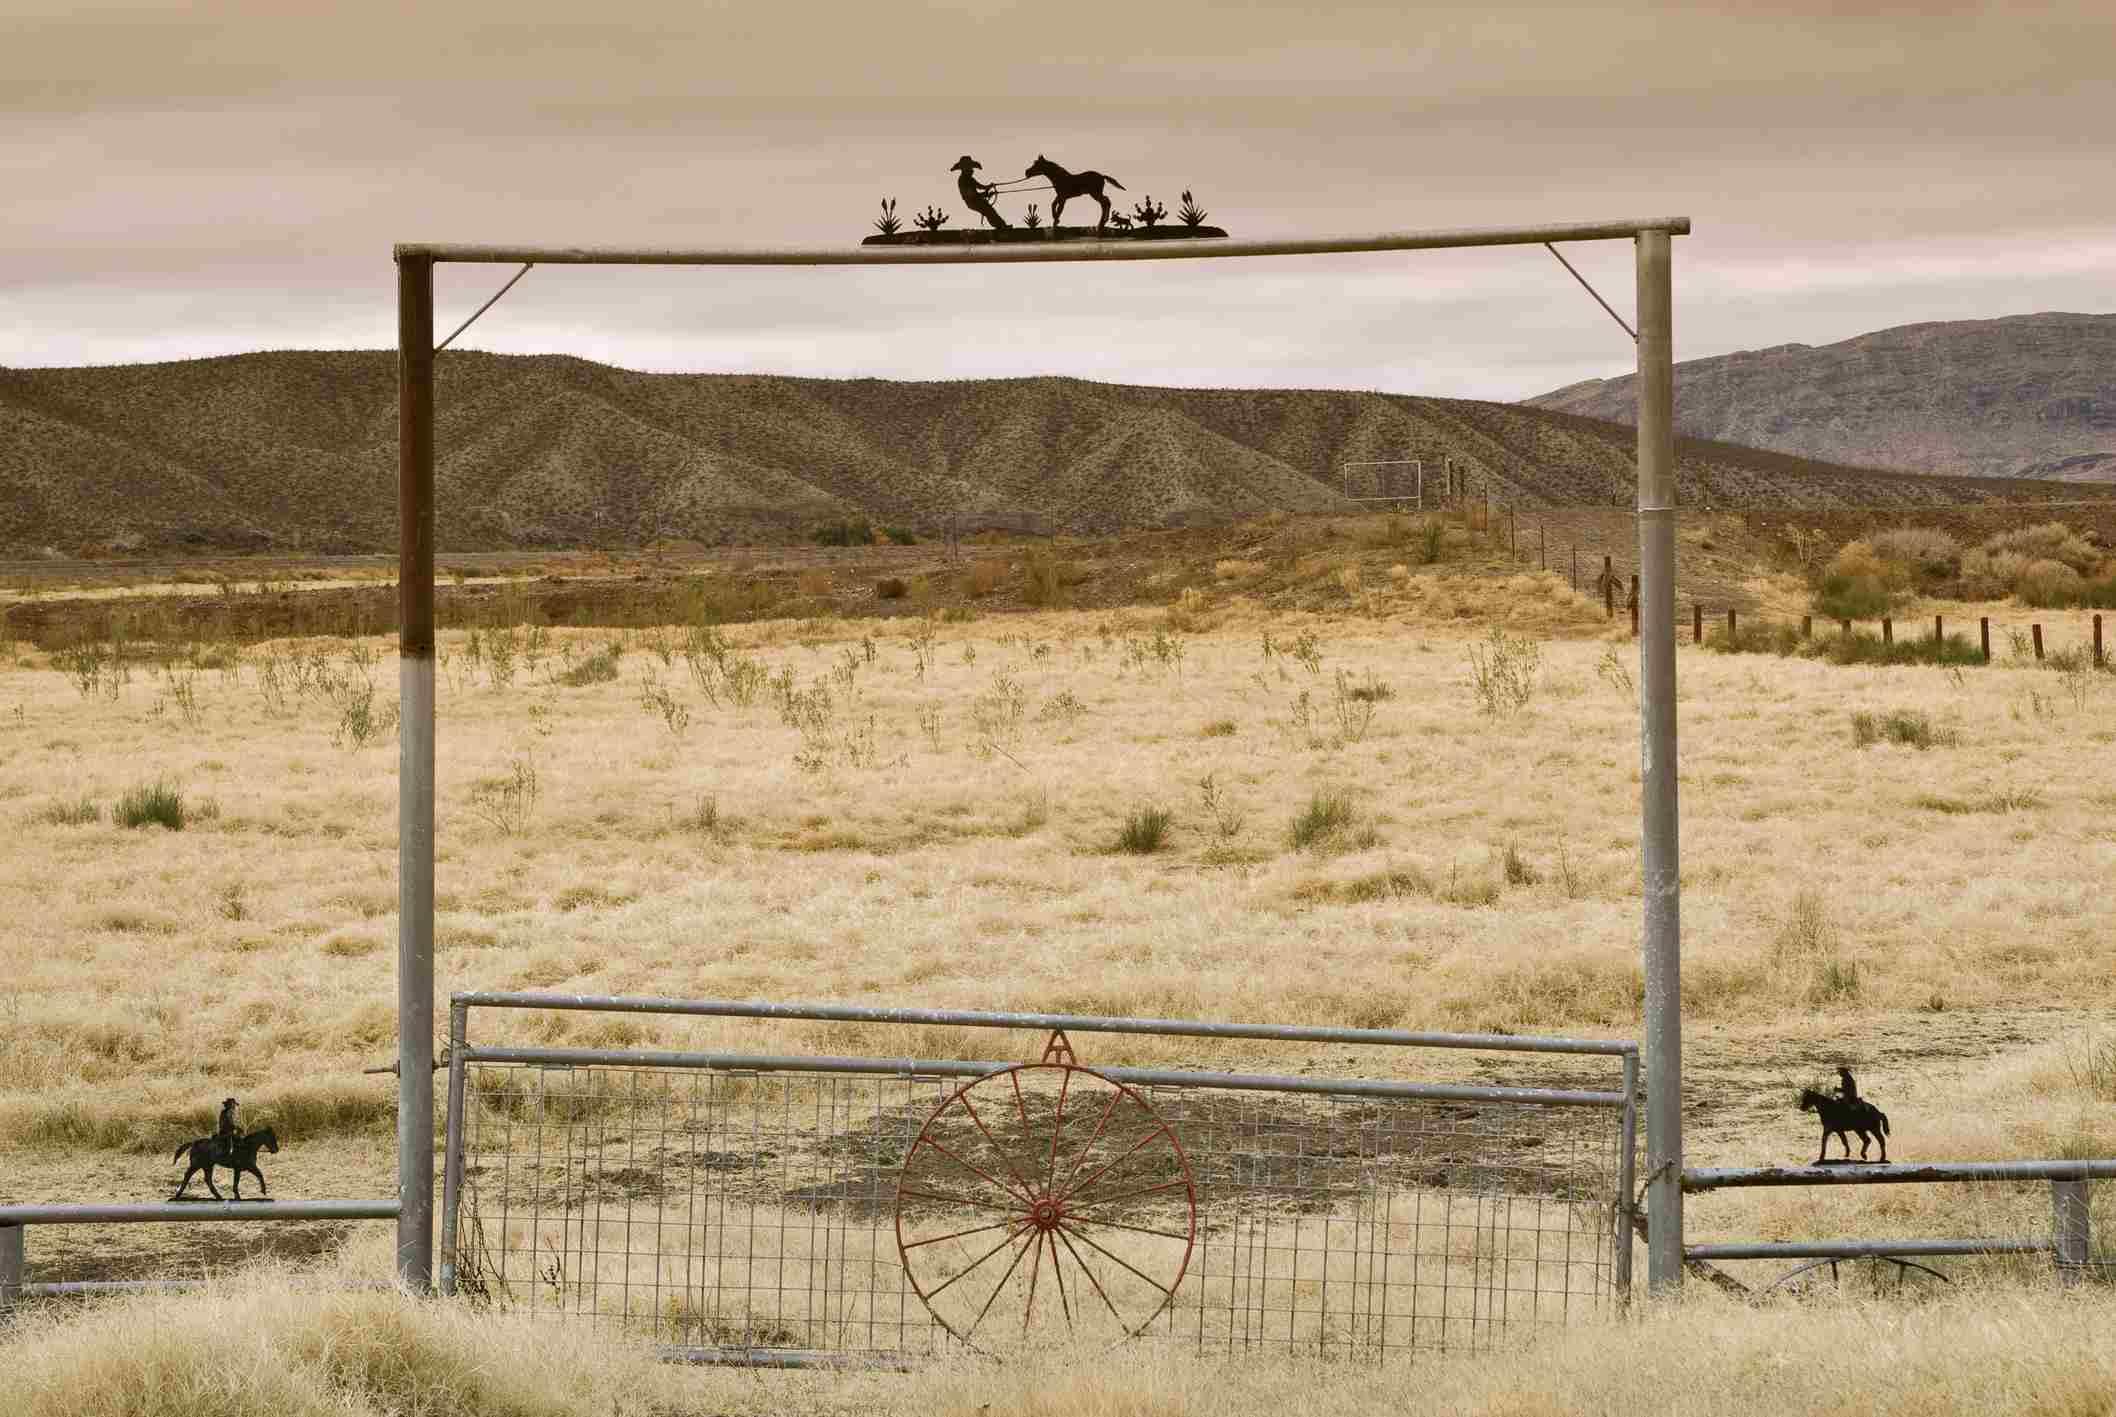 The Presidio ranch in Texas